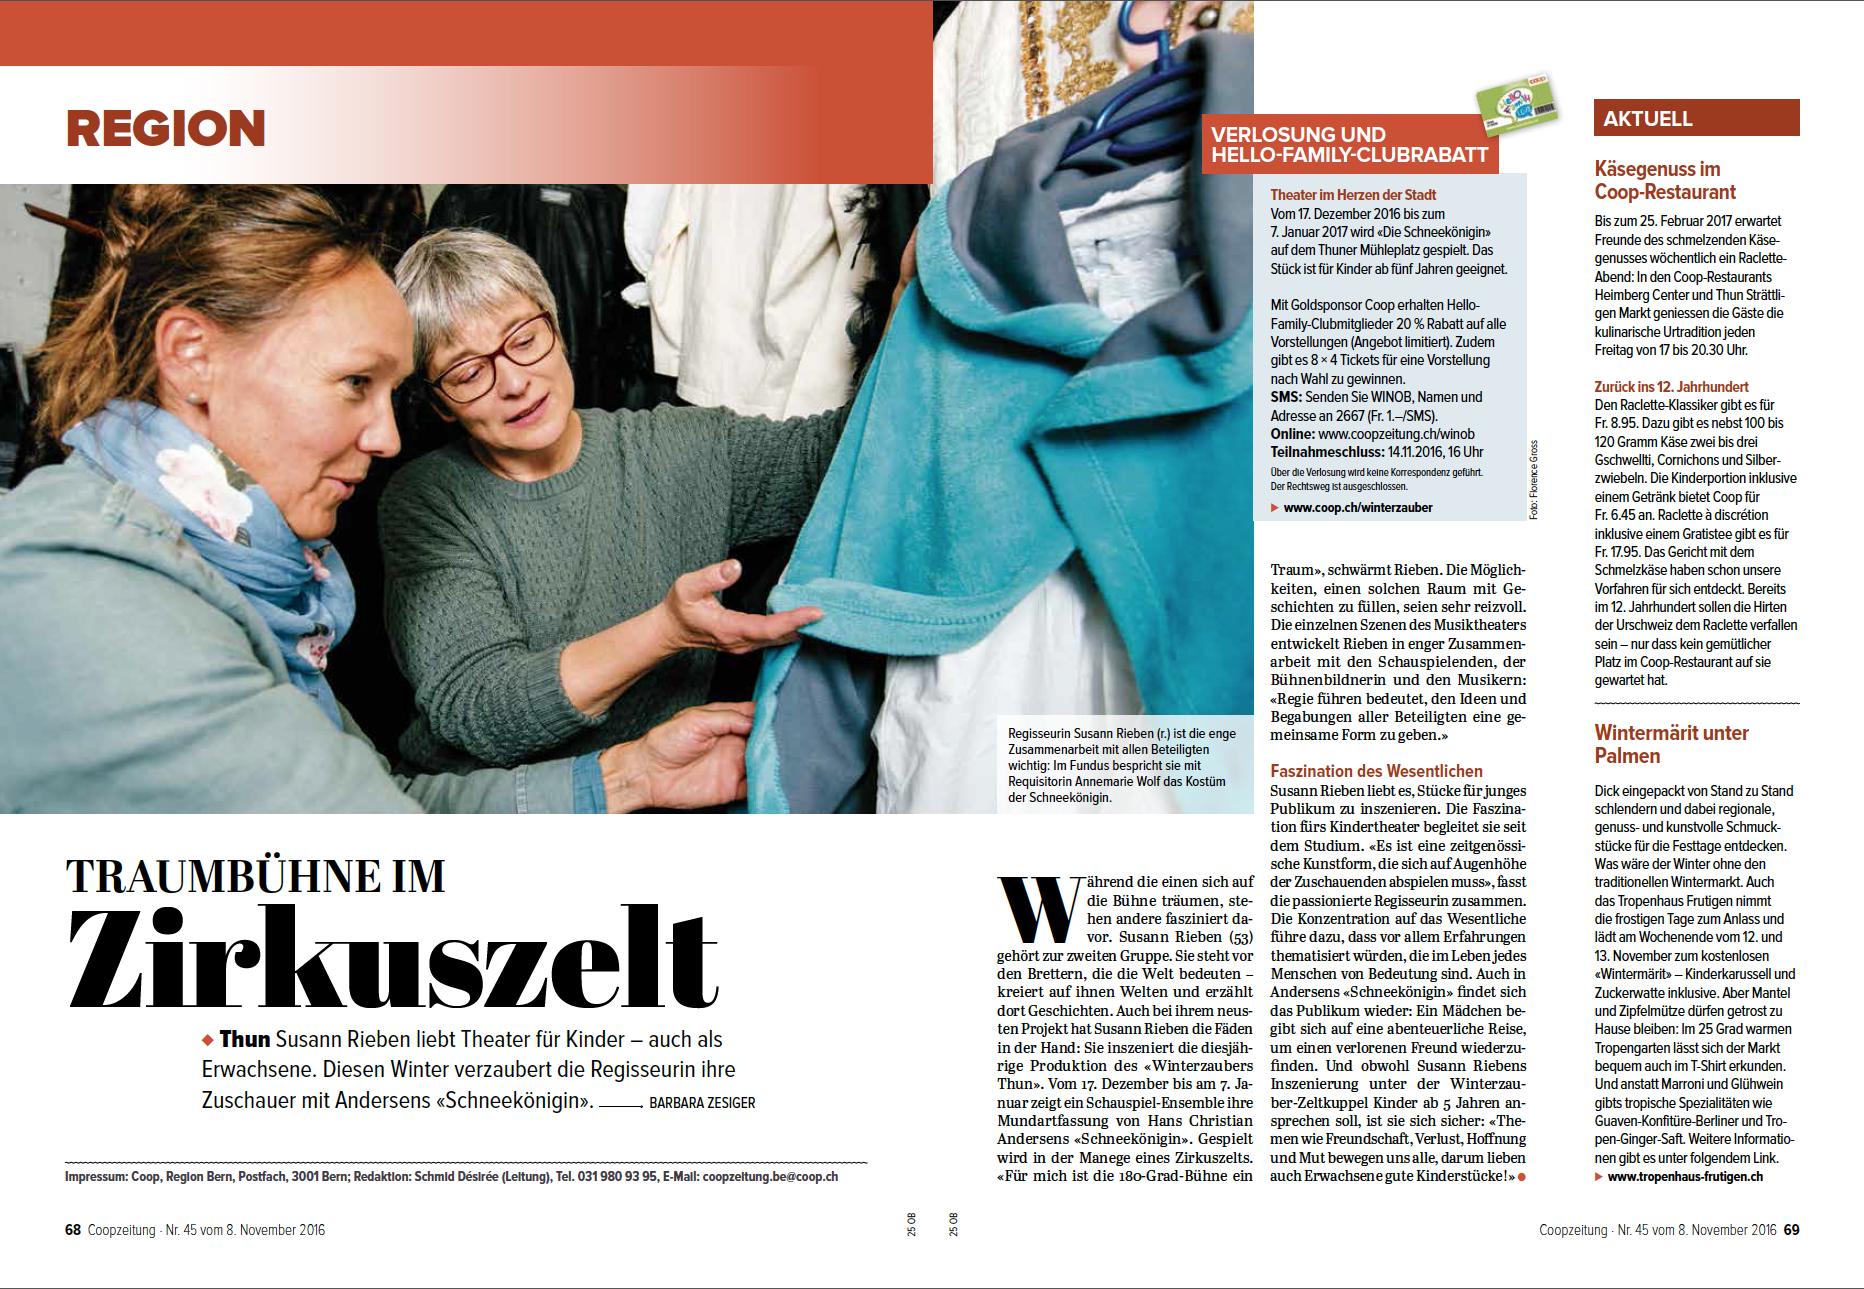 Coopzeitung - Nr. 45 vom 8. November 2016